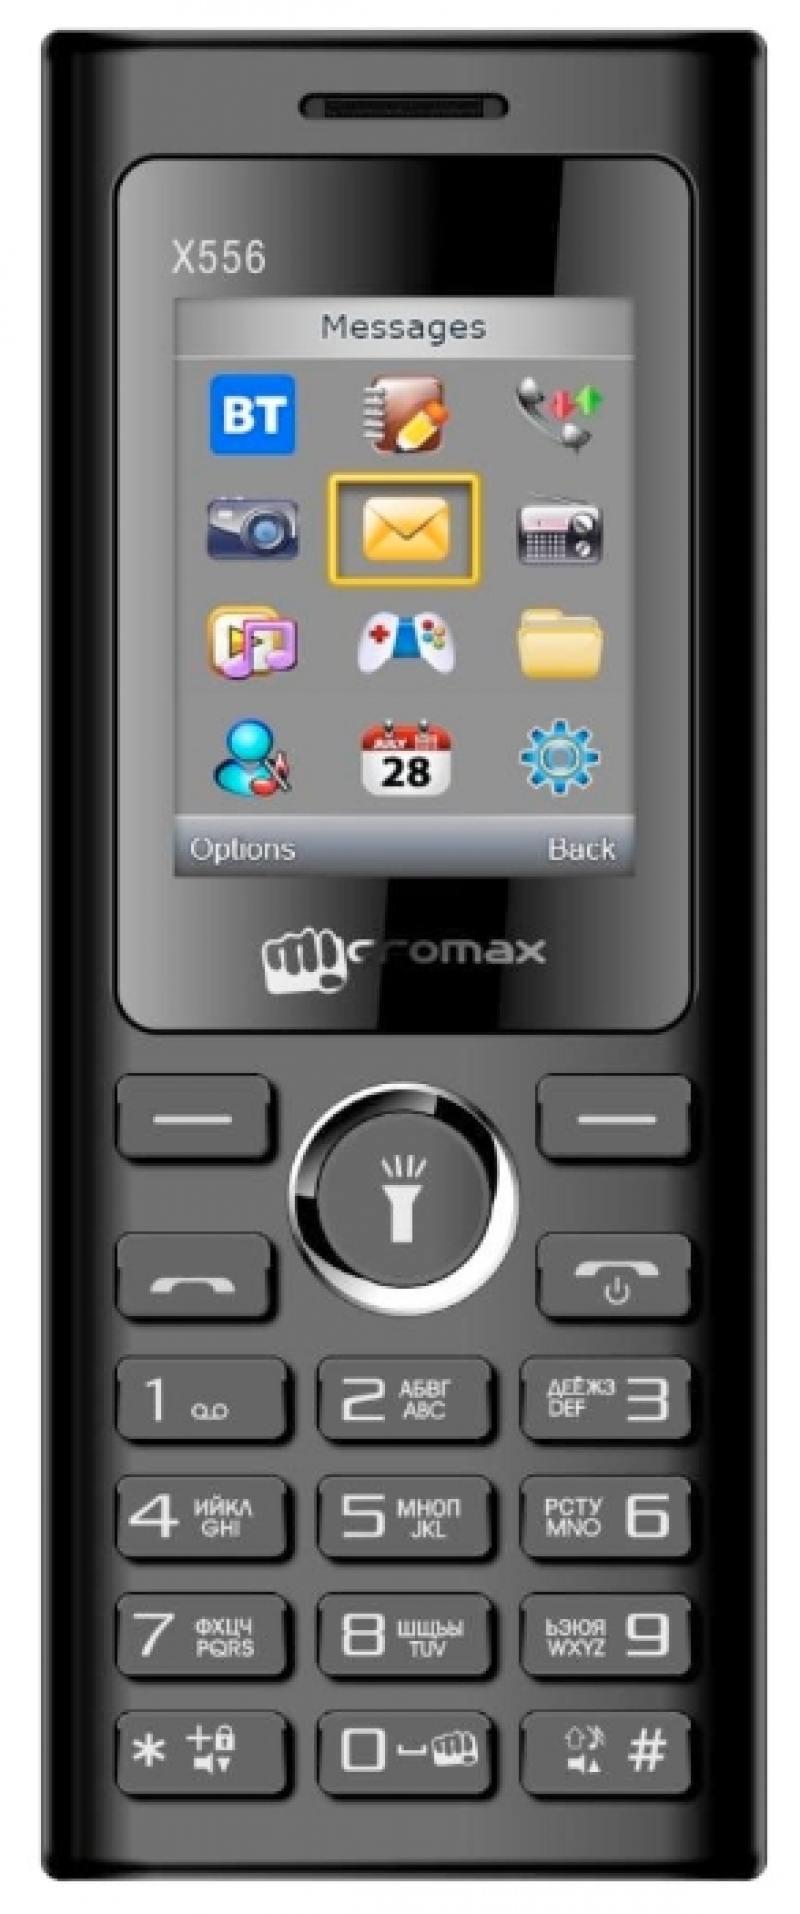 Мобильный телефон Micromax X556 черный 1.77